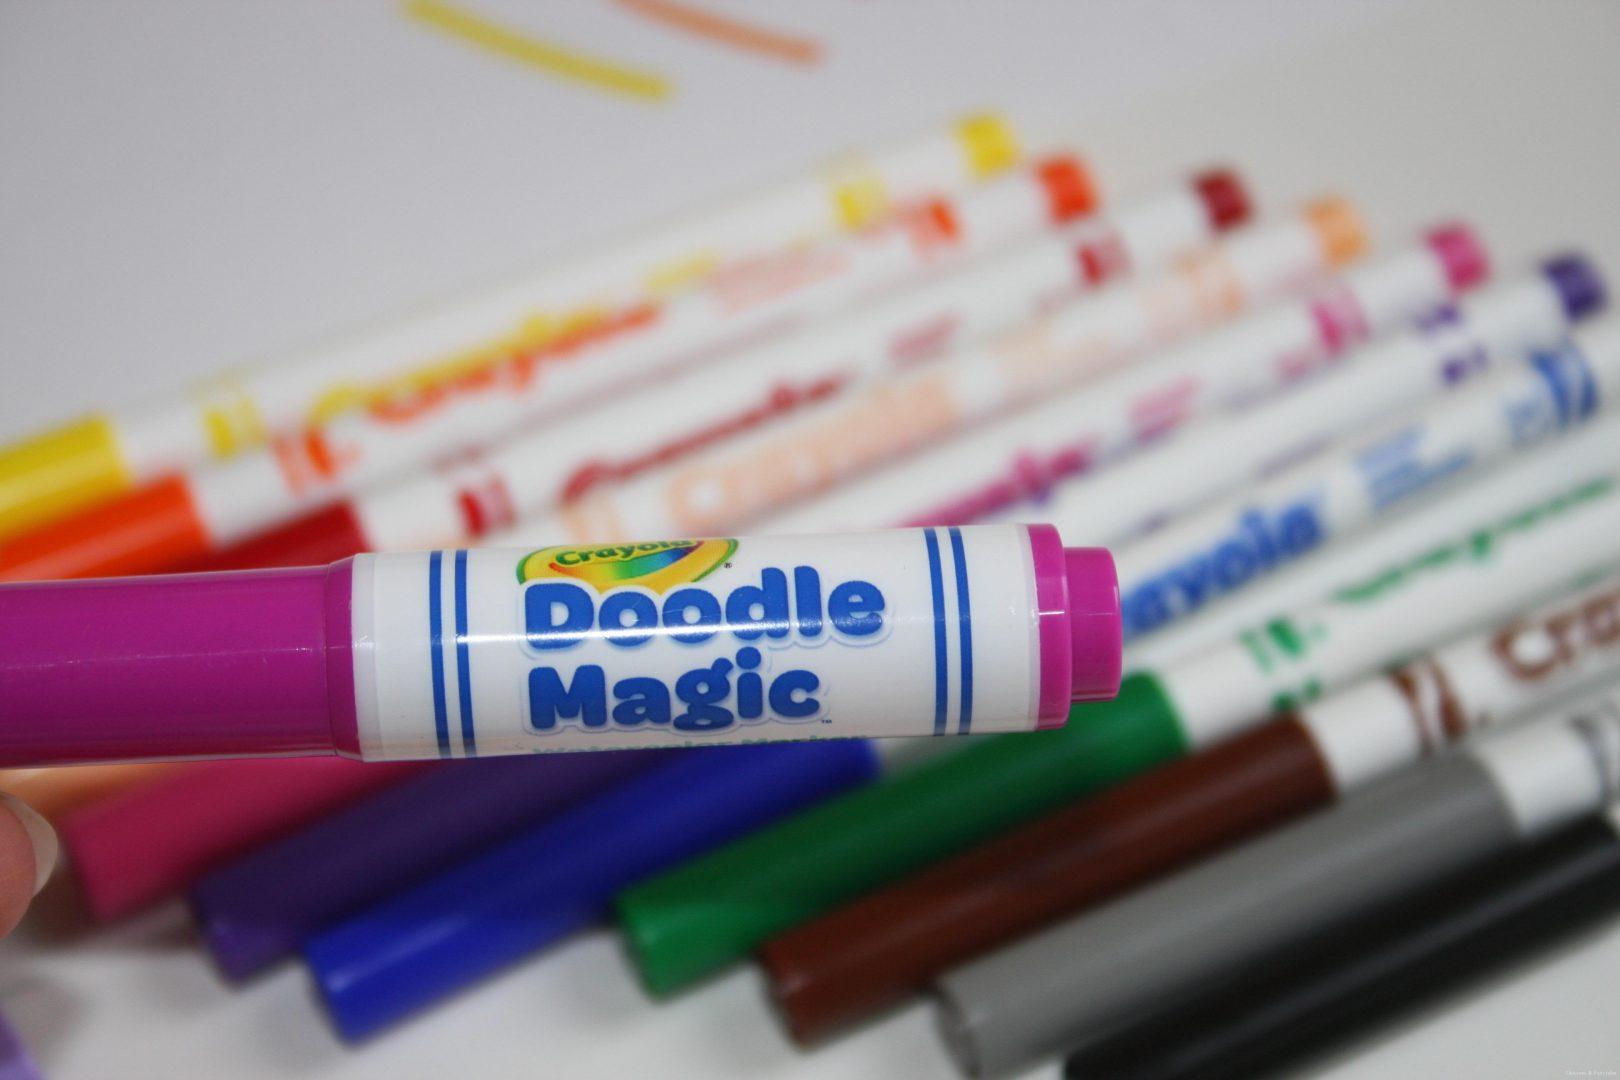 IMG 5669 - Magisch kleuren met Crayola